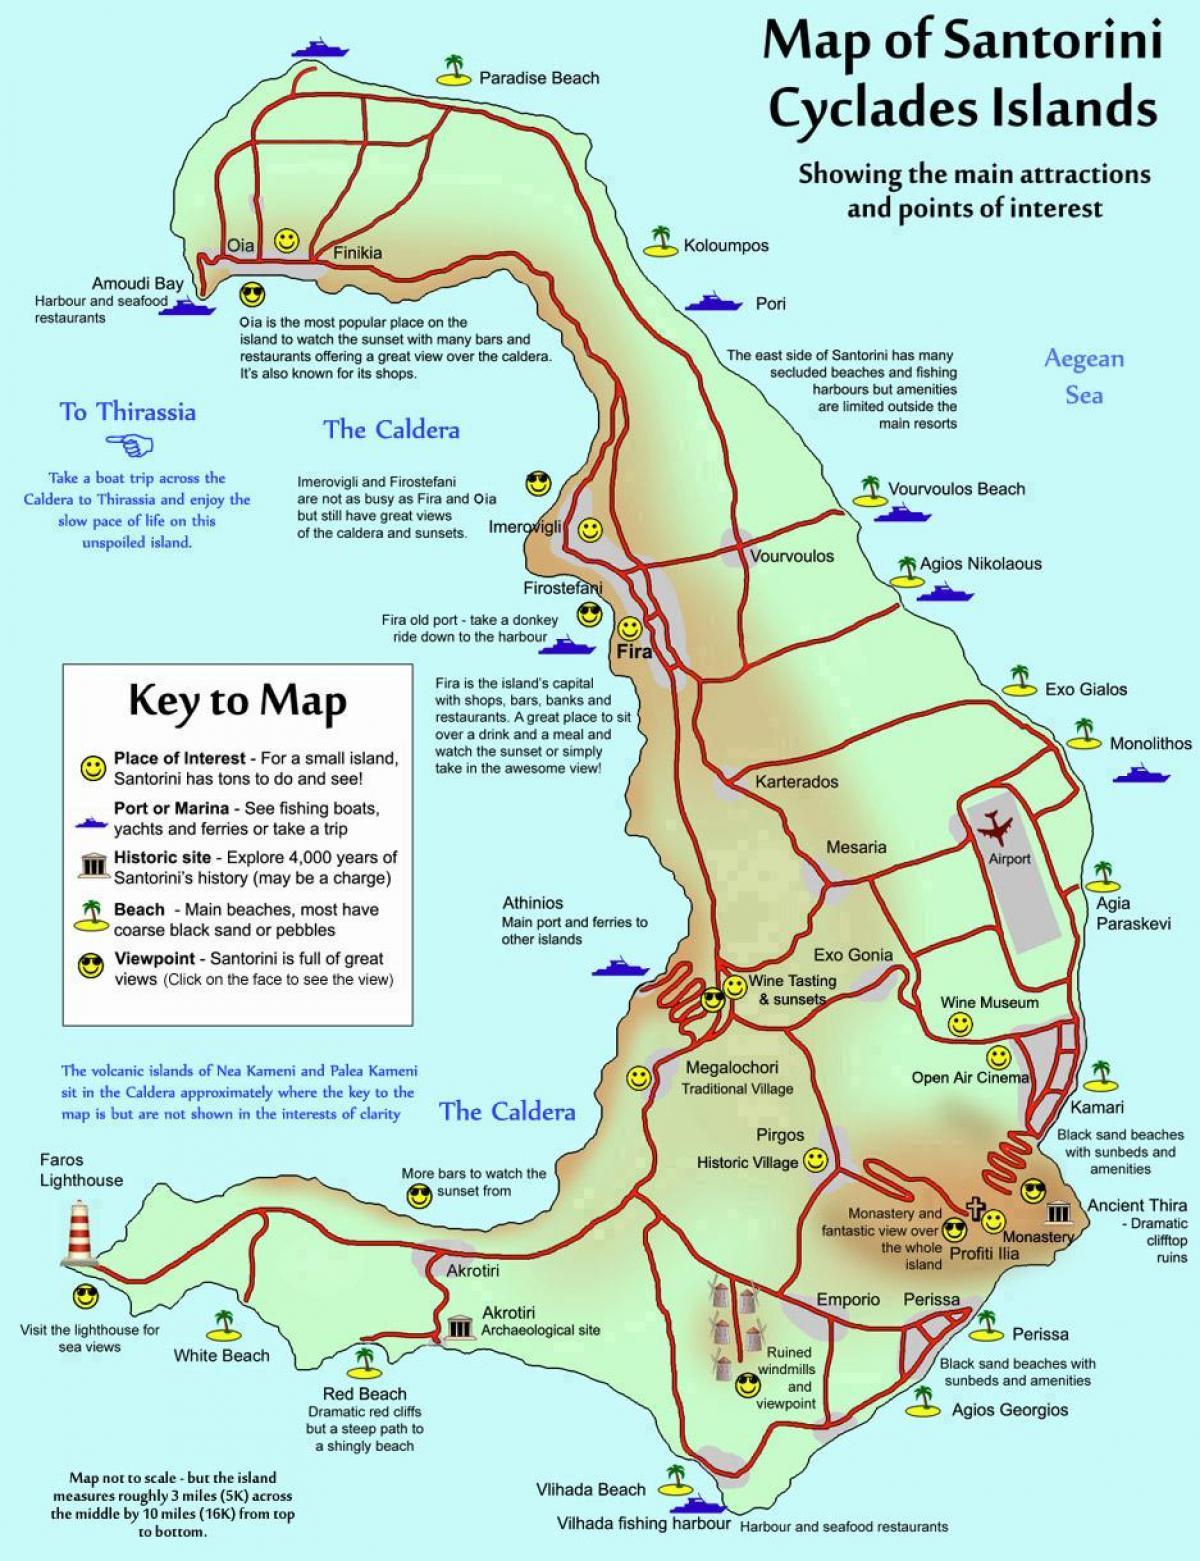 kart over santorini hellas Santorini, Hellas kart   Kart over Santorini, Hellas (Sør Europa  kart over santorini hellas